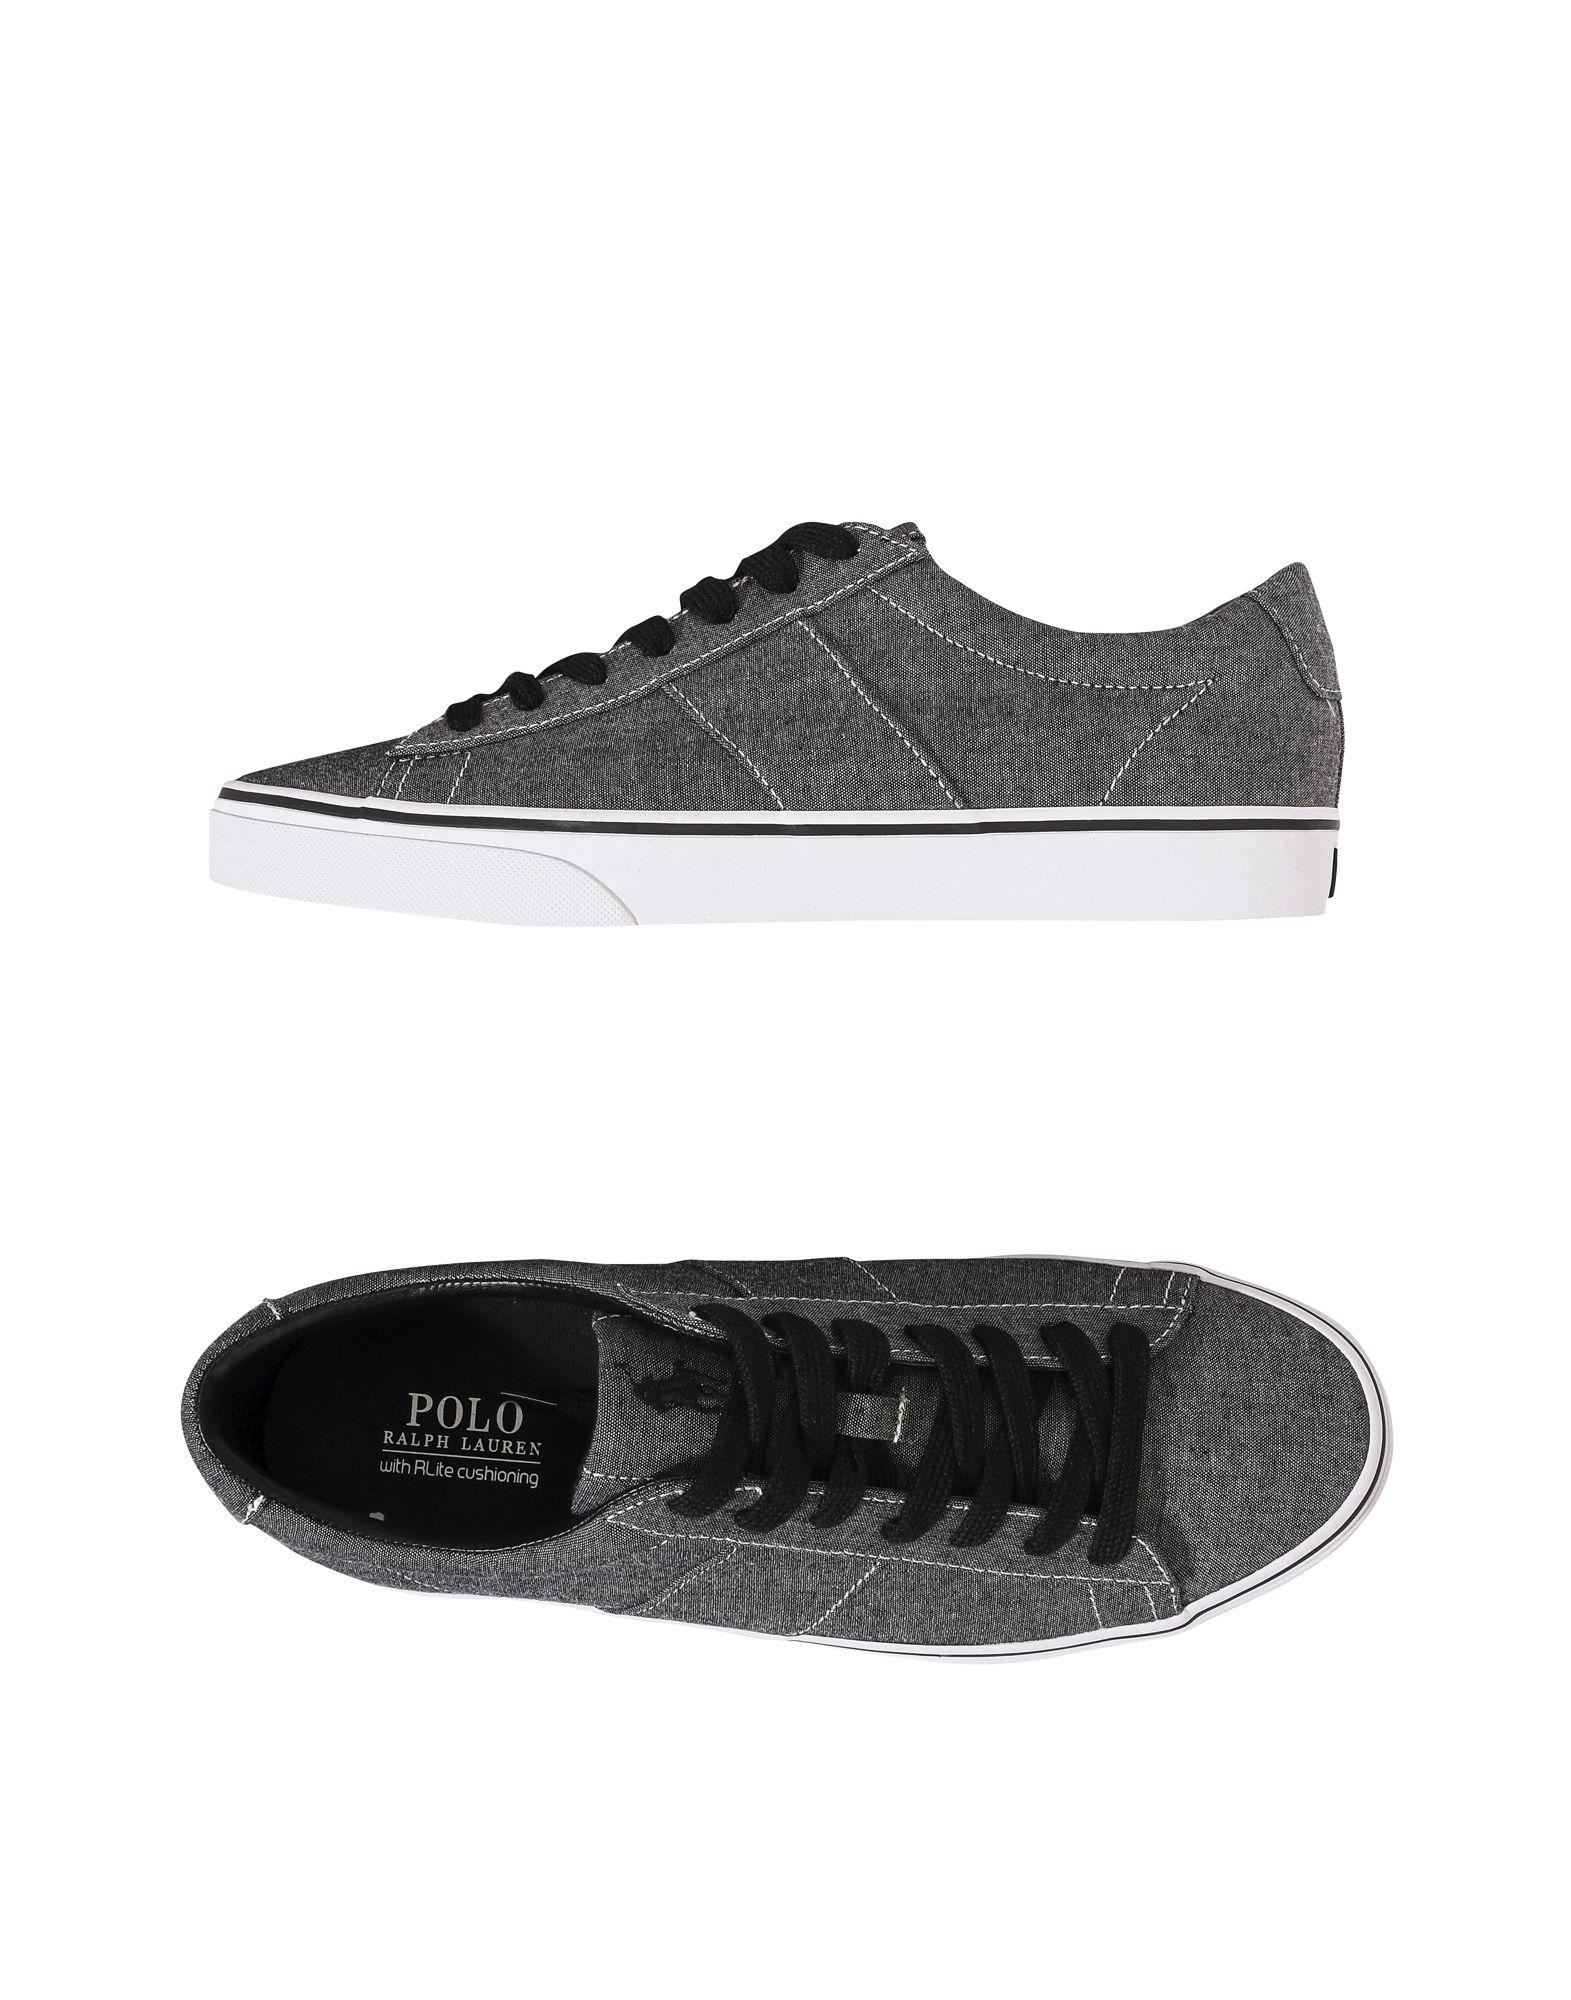 Polo Ralph Lauren  Sneakers Herren  Lauren 11447899KG 8a034c